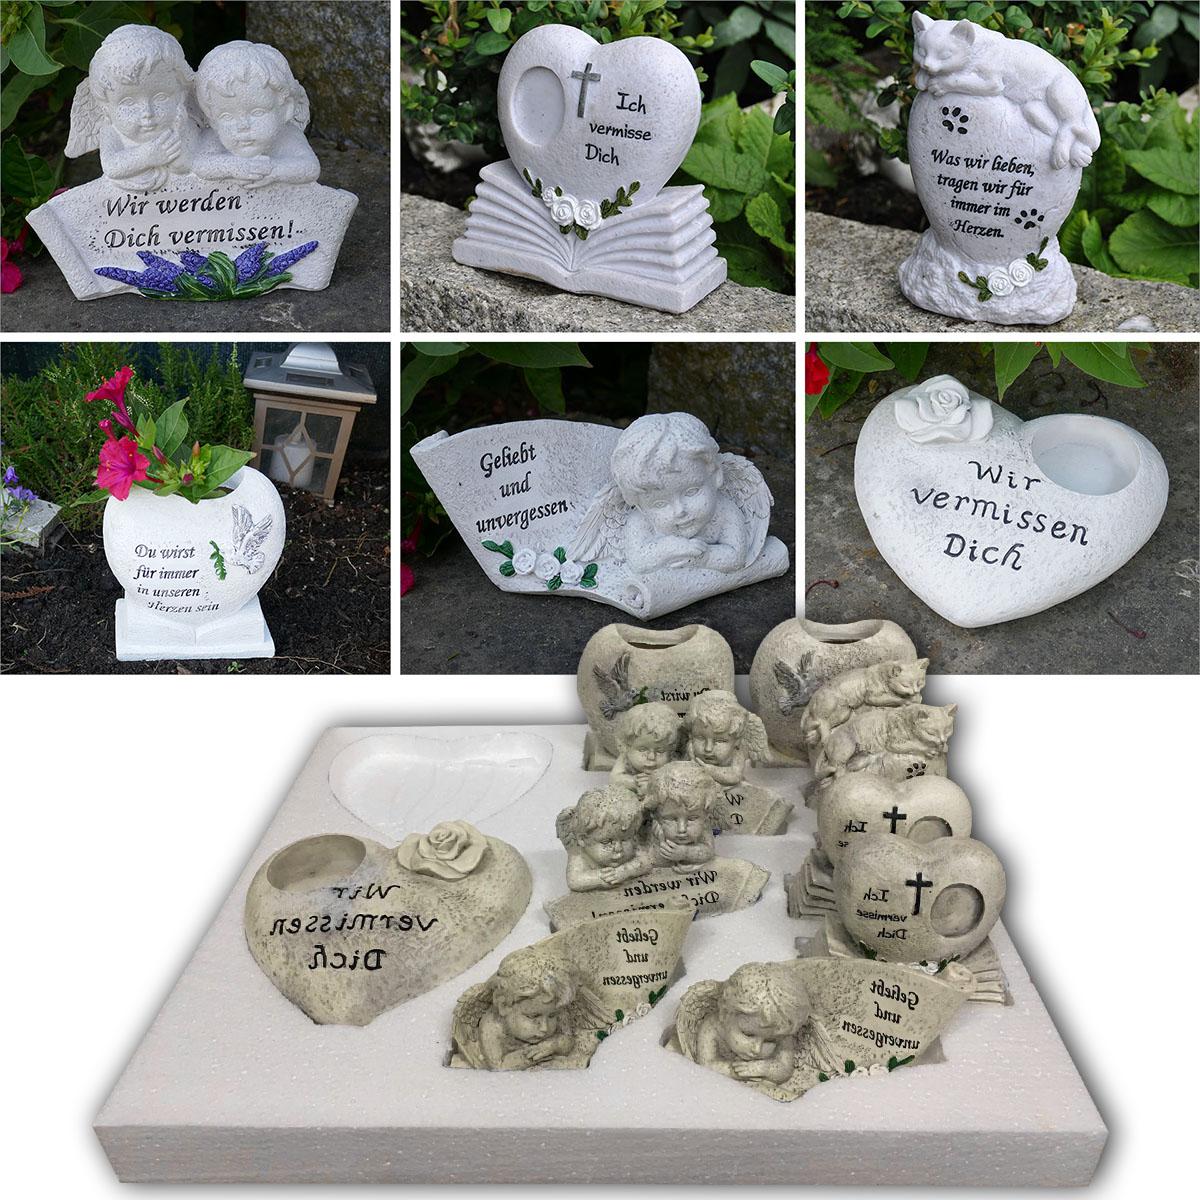 12-tlg. Grabdekorationen für Mensch und Tier im Verkaufsdisplay Image